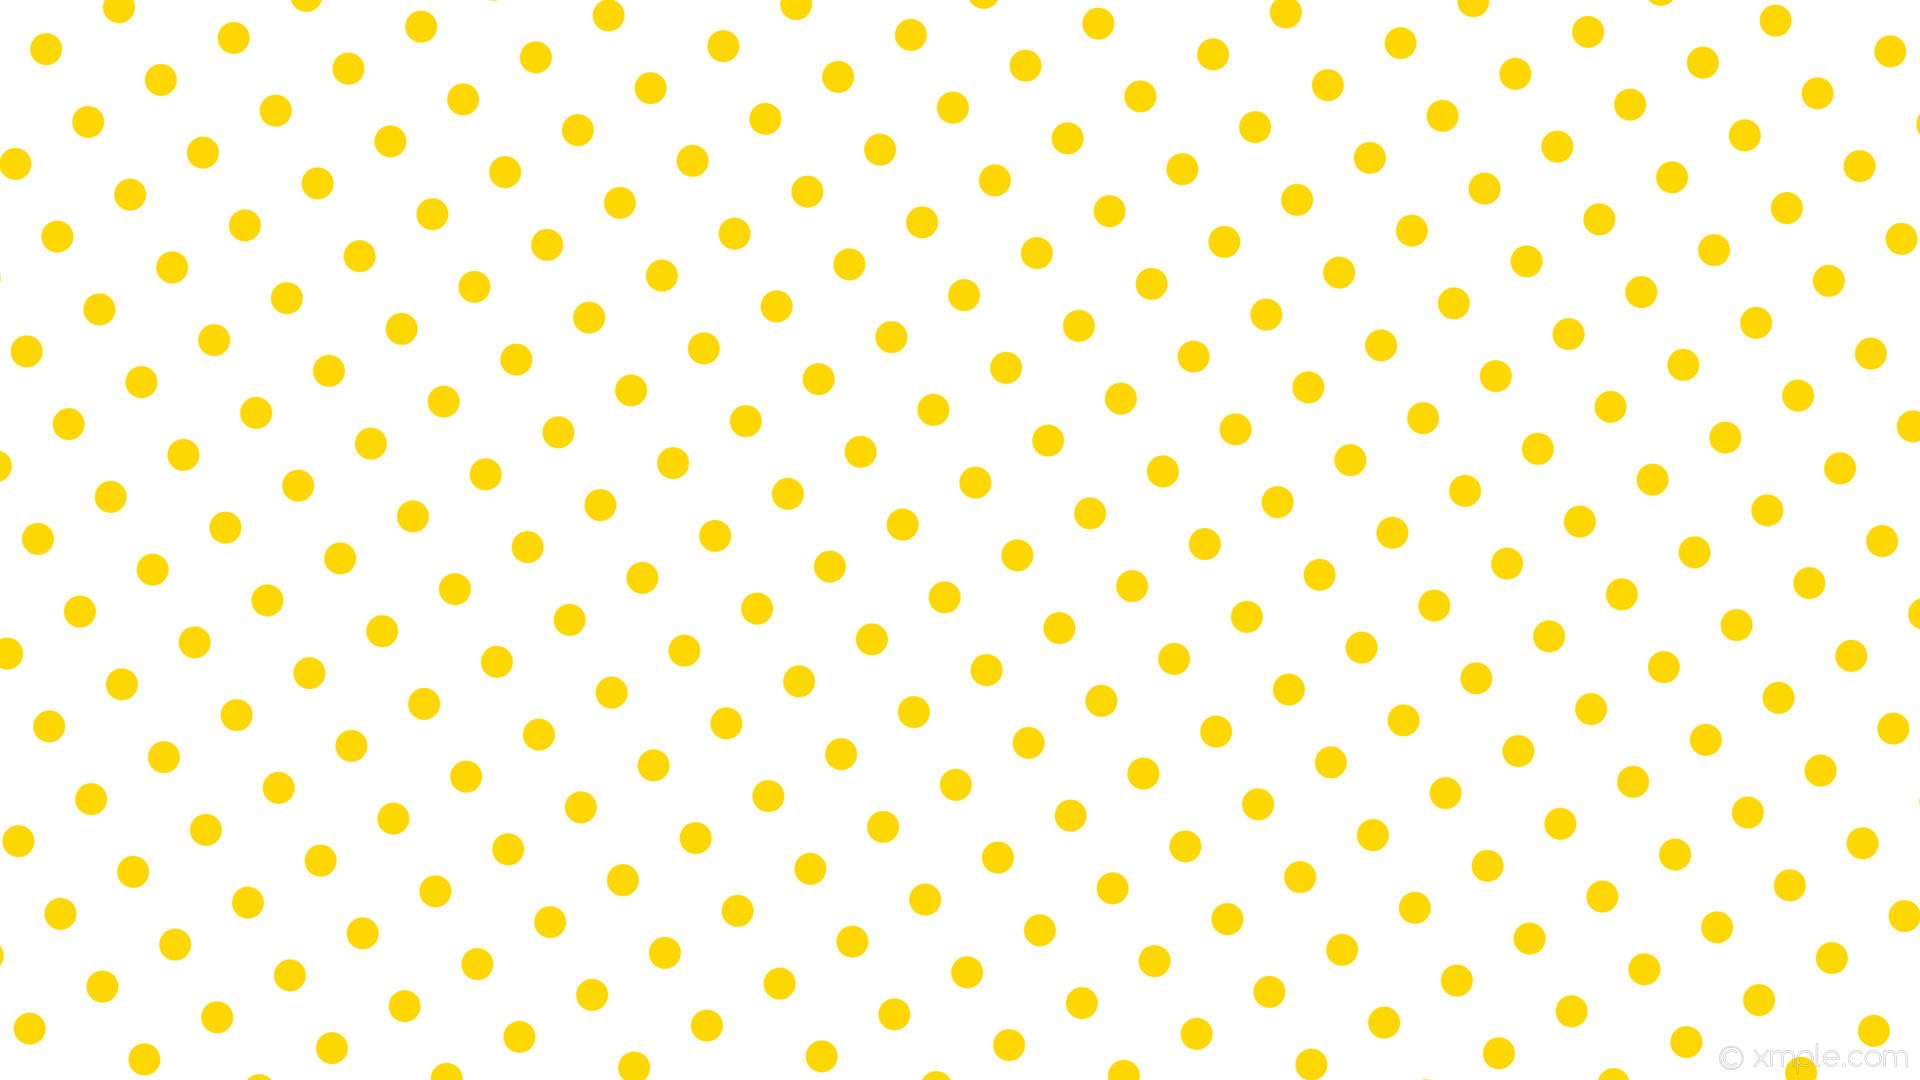 Wallpaper White Polka Dots Yellow Spots Gold Yellow Spots 1920x1080 Wallpaper Teahub Io